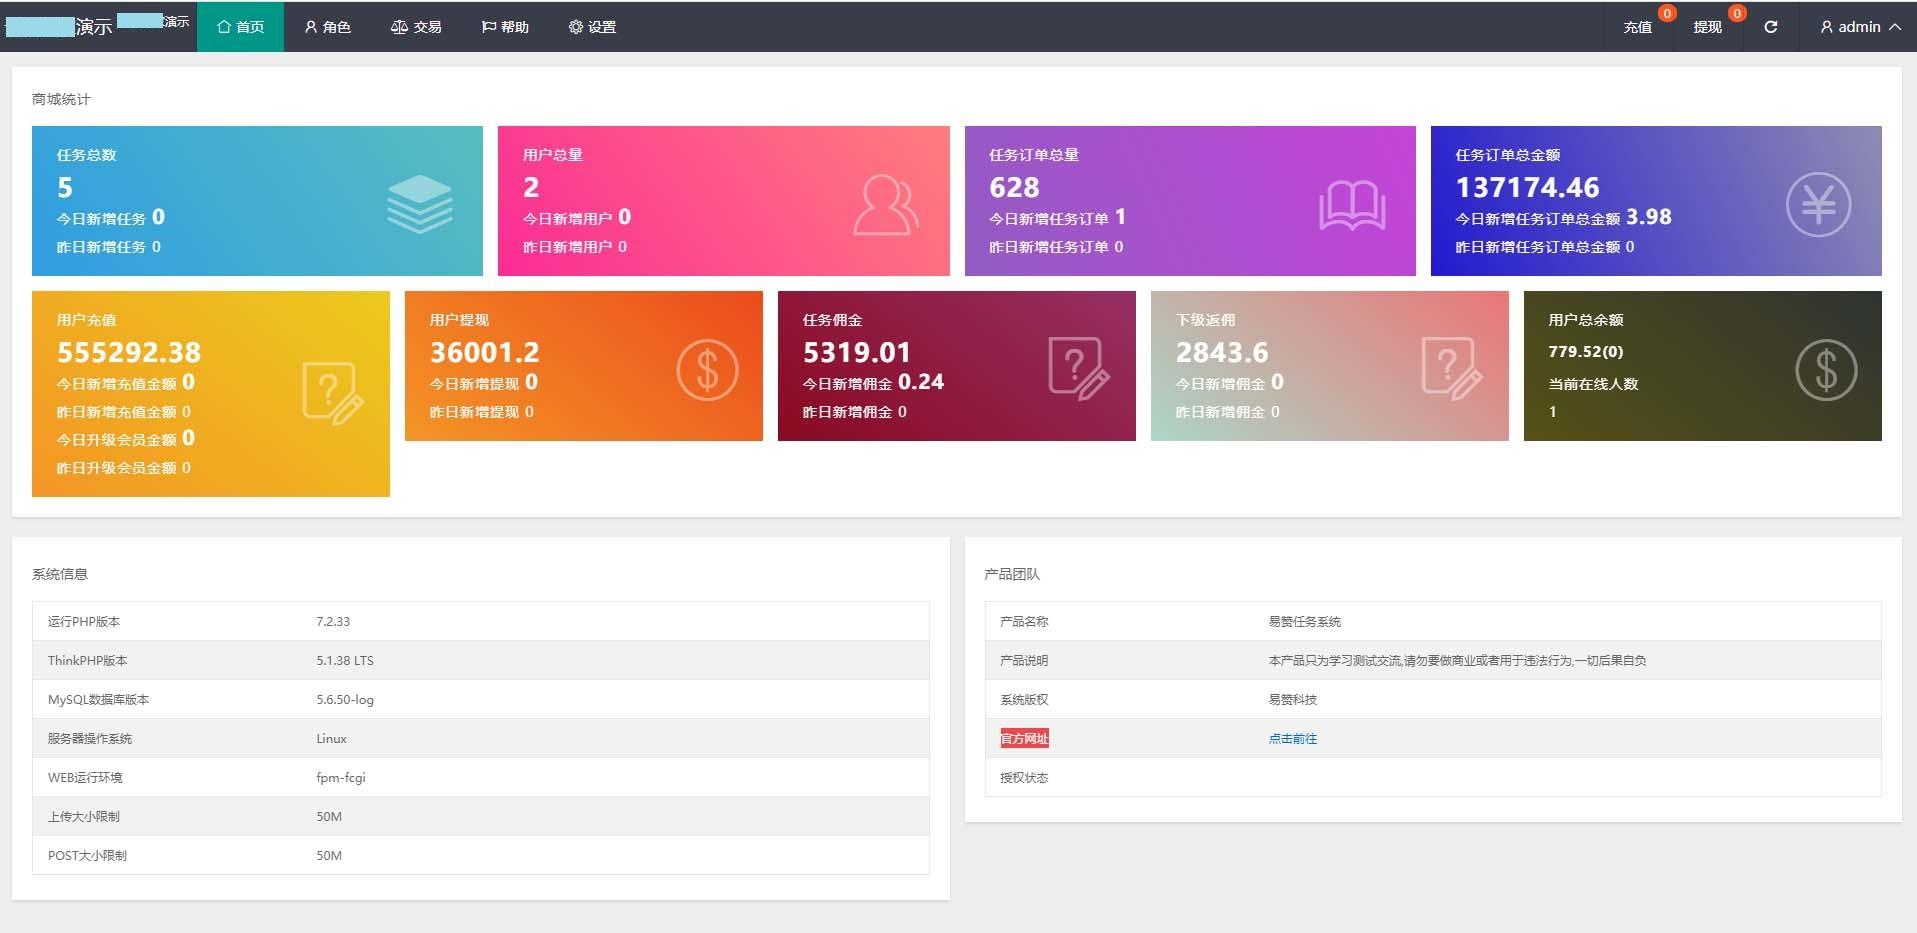 PHP二开自动抢单系统源码三语言(中文、英语、马来语)